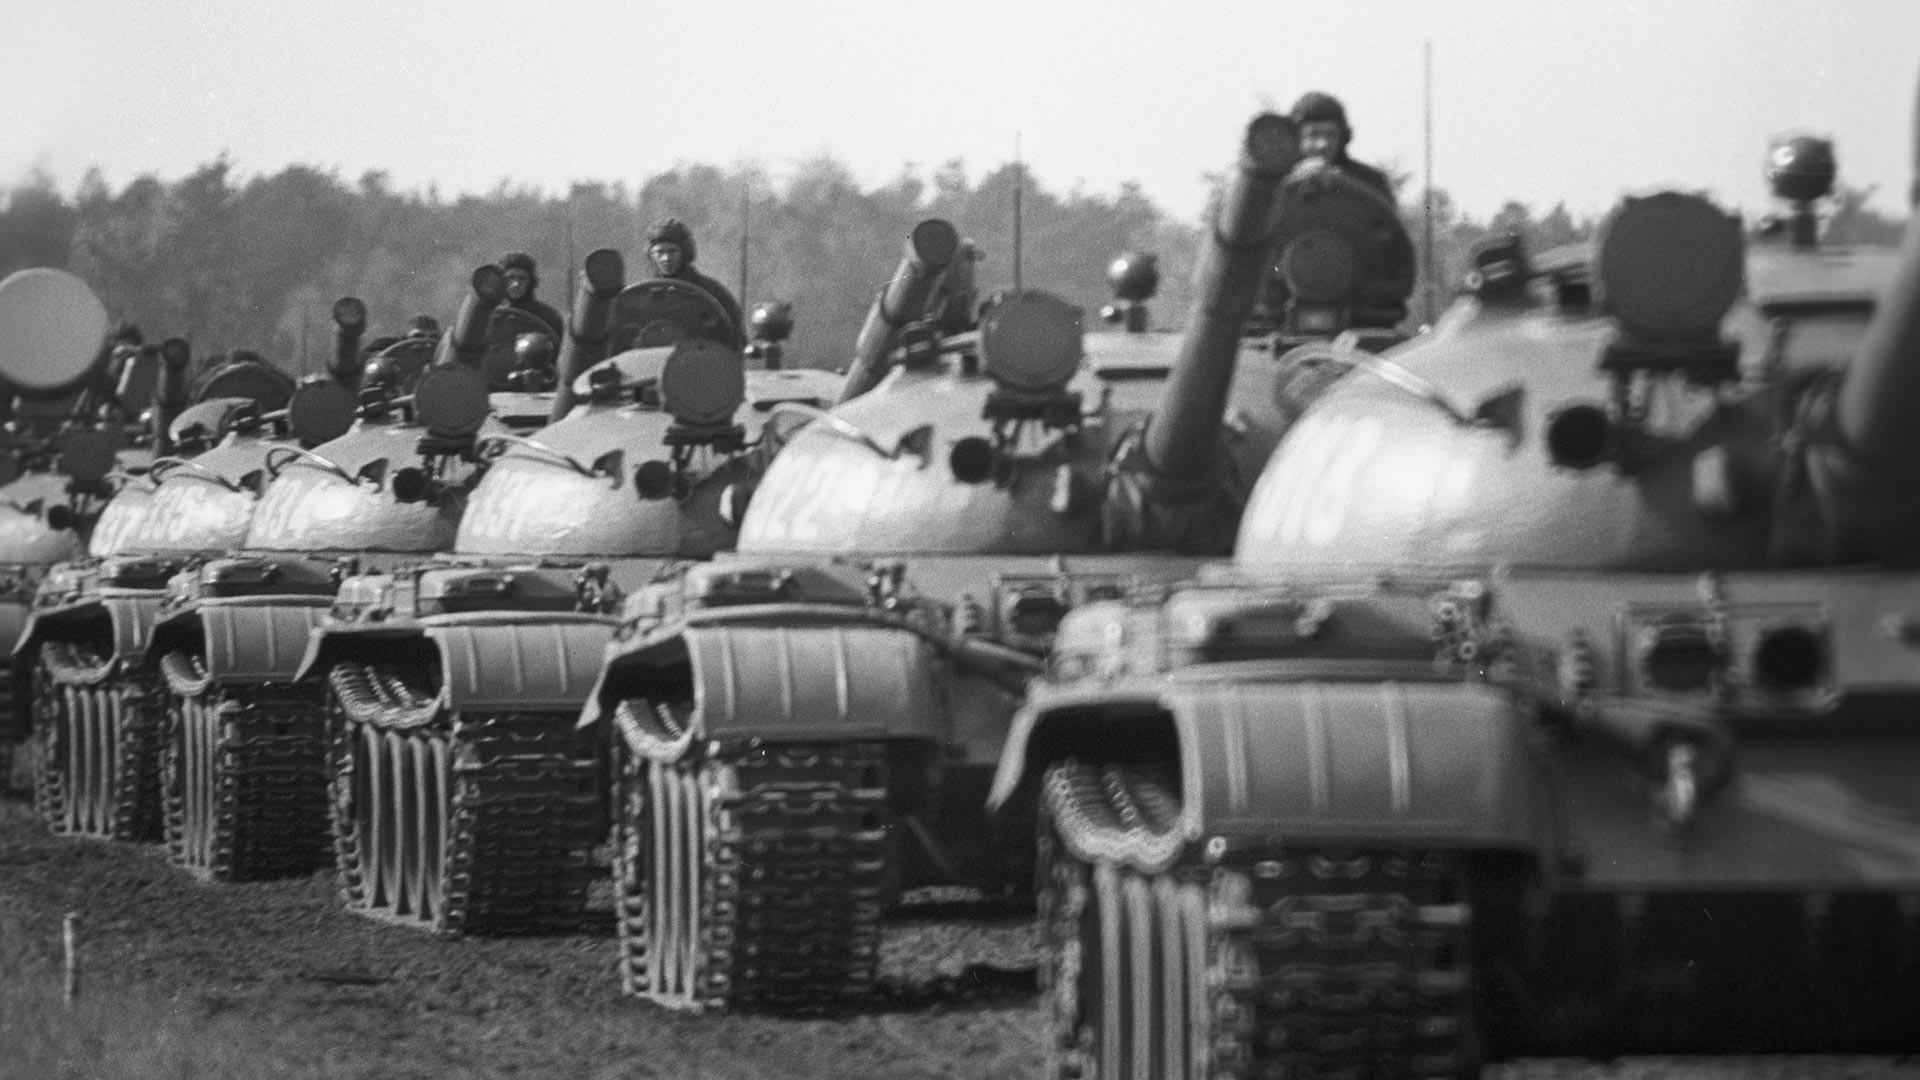 Tanques soviéticos durante os exercícios